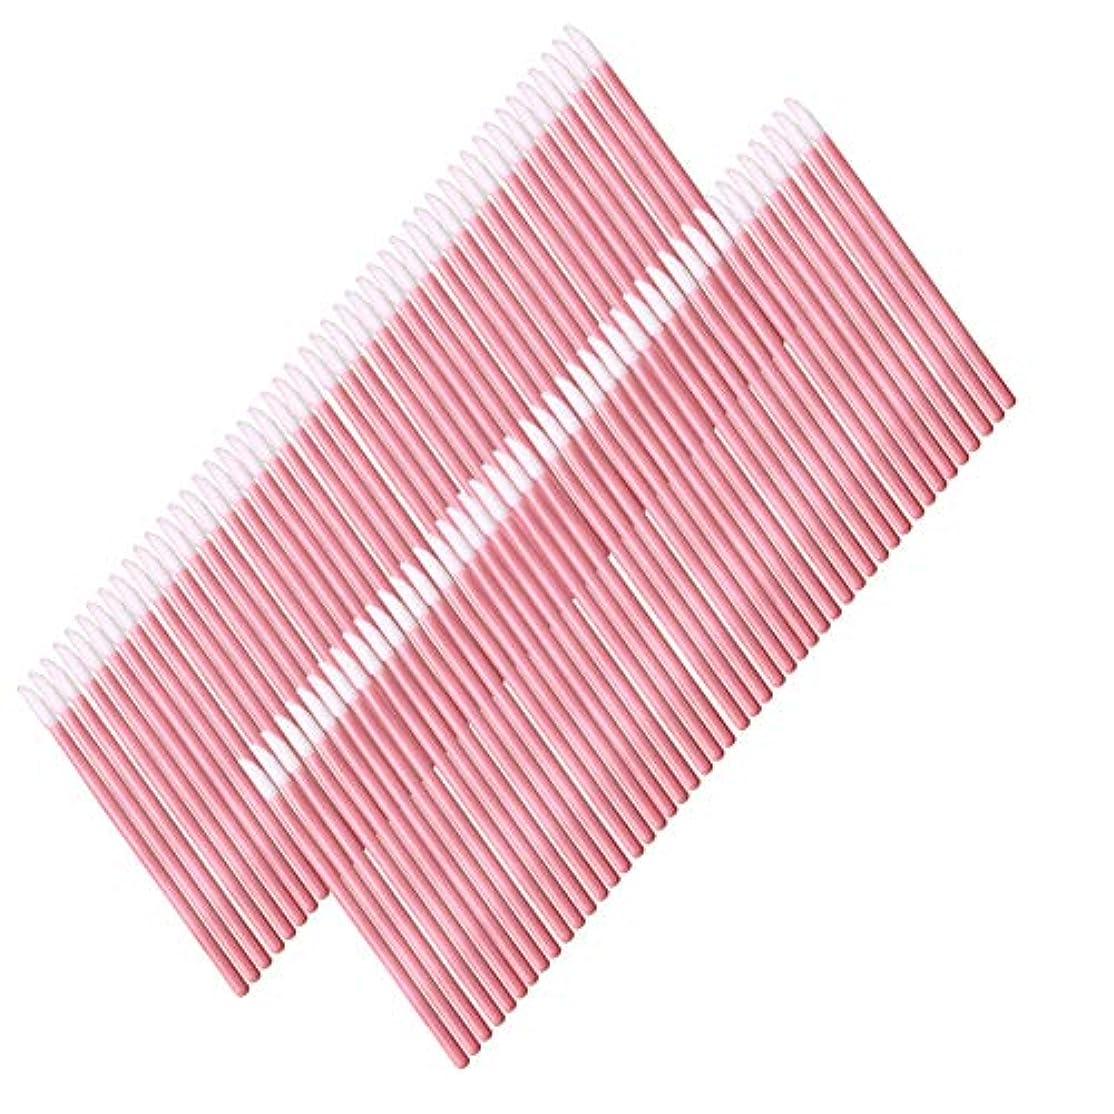 疫病適用済み十分に50使い捨てのリップブラシメイクブラシアプリケーターリップグロス口紅のメイクアップツールトークン(ピンク)